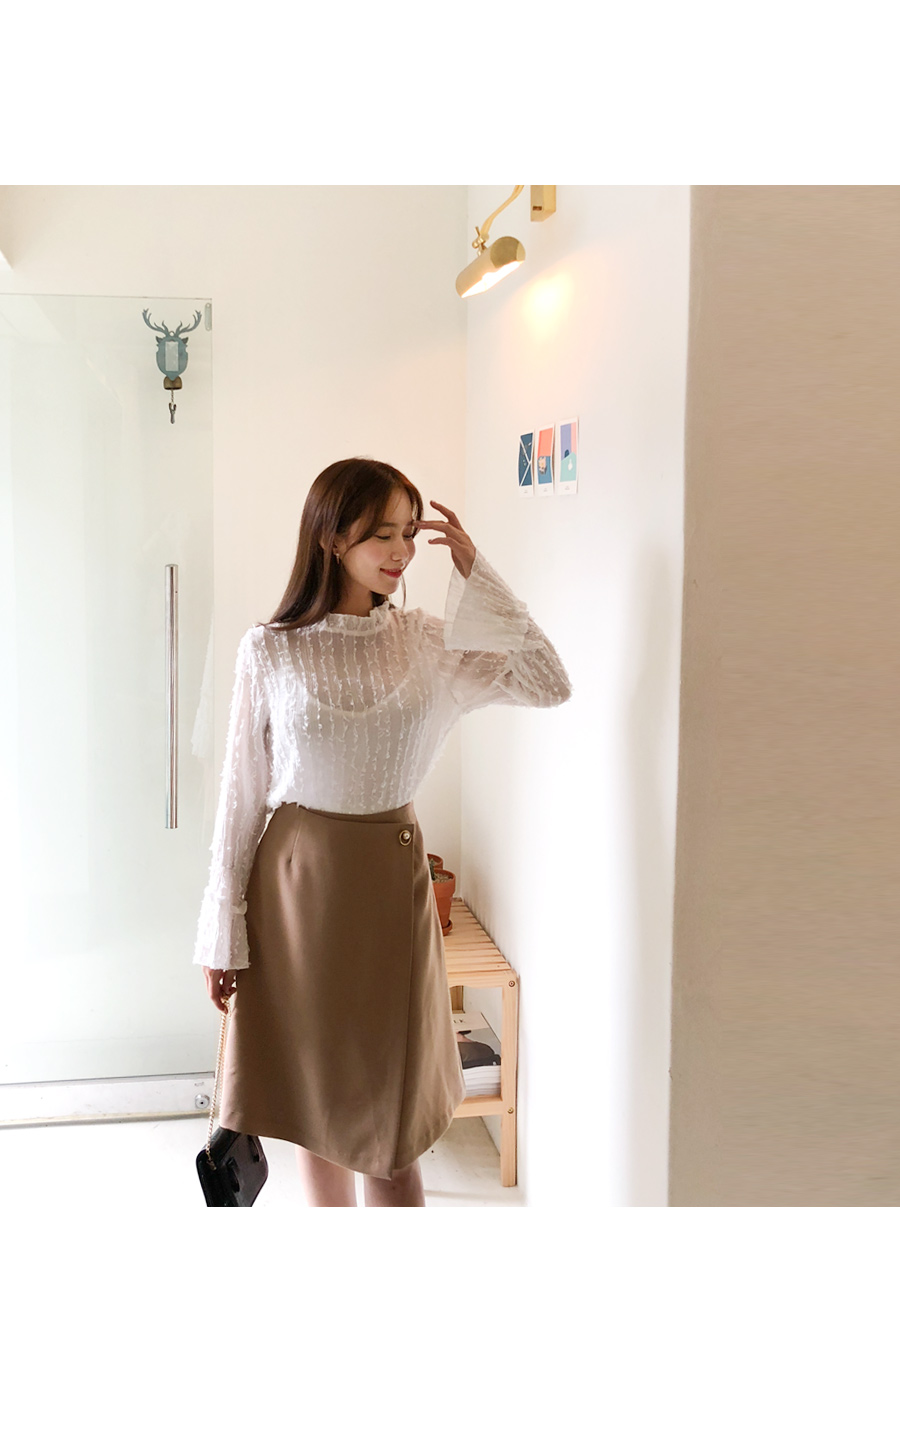 Atmosphere her skirt